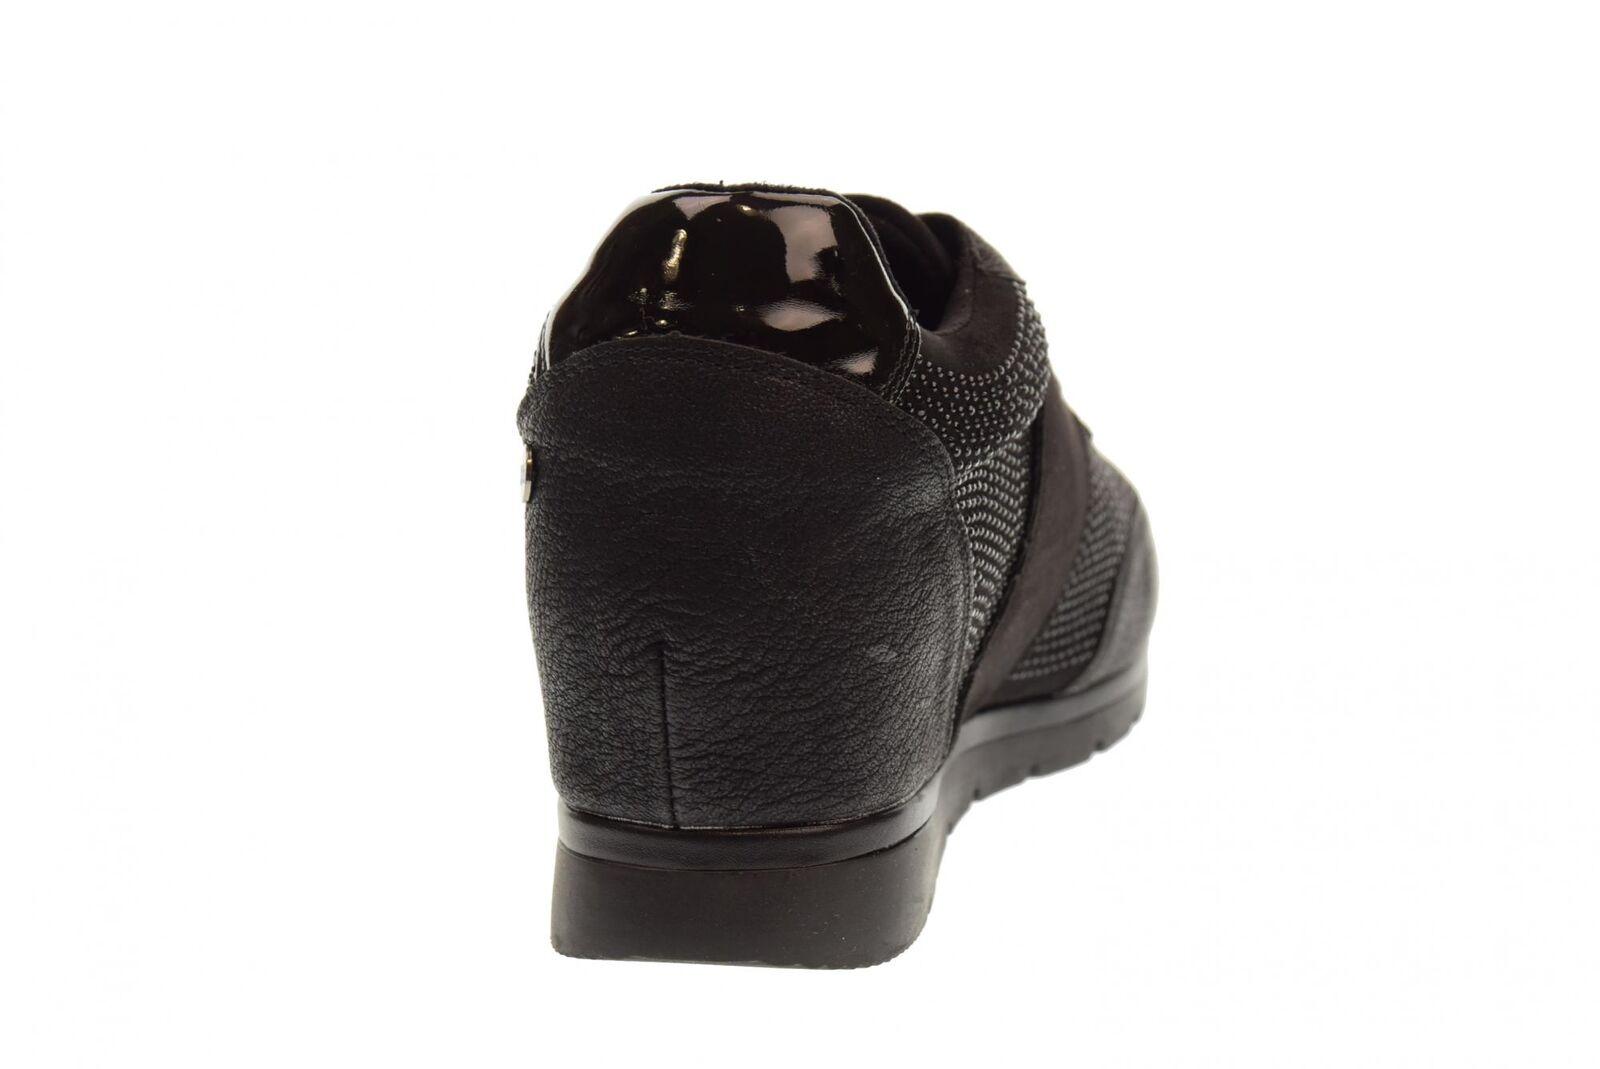 Xti A18g Schuhe Frau Turnschuhe mit Keil 48267 schwarz    | Modern Und Elegant In Der Mode  660353